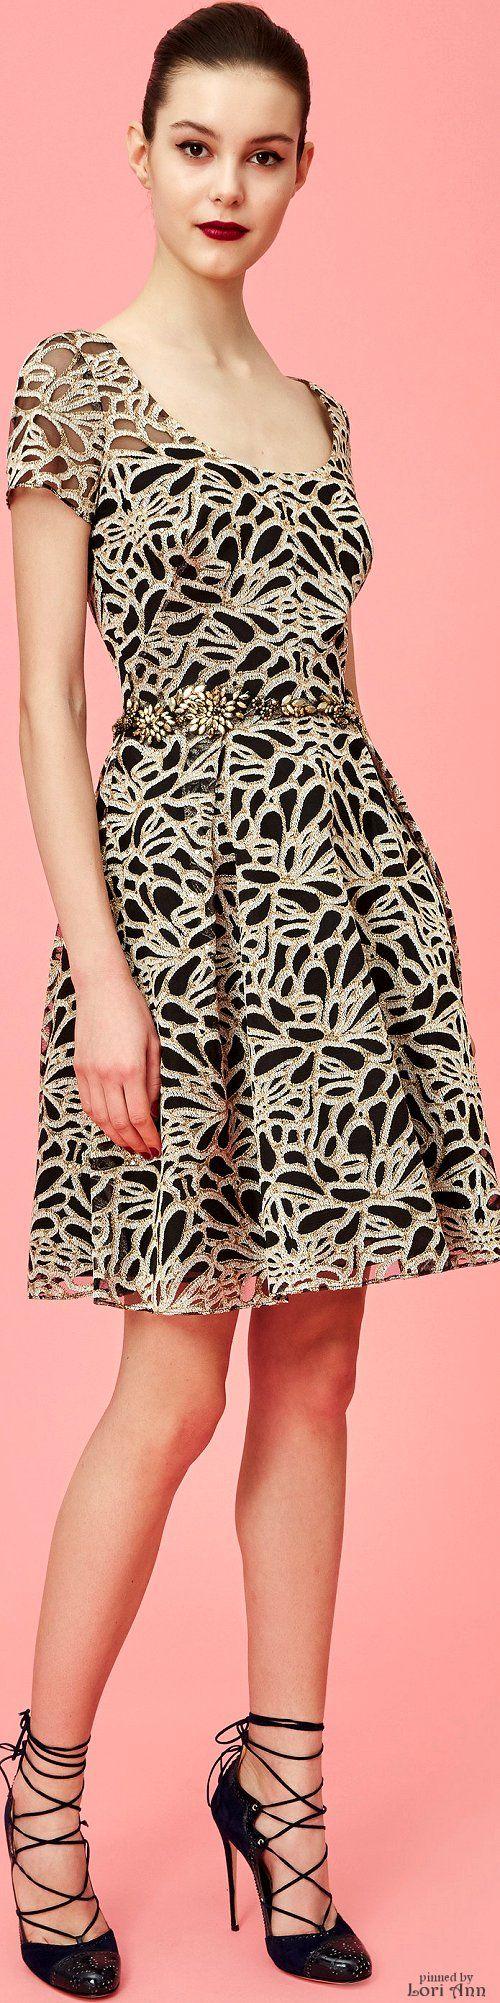 222 besten ♥ Marchesa Bilder auf Pinterest   Abendkleid ...